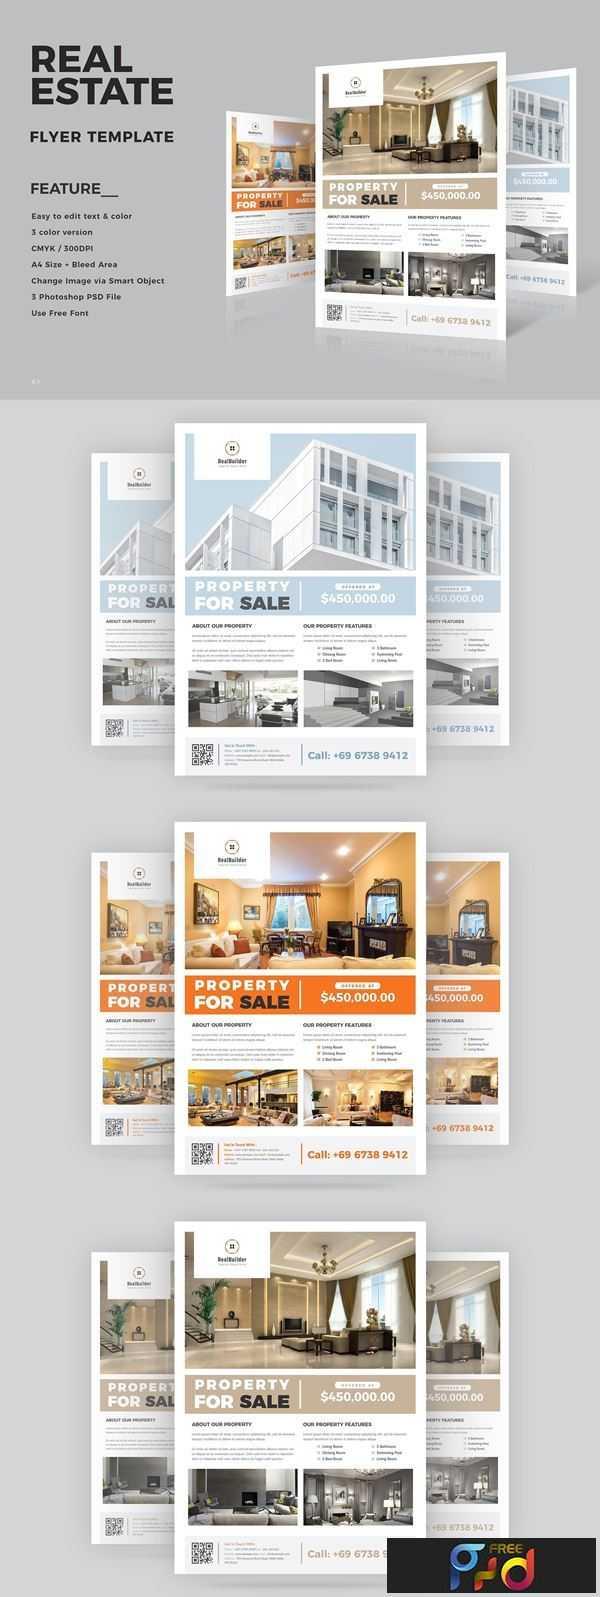 1806229 Real Estate Flyer 2513930 1